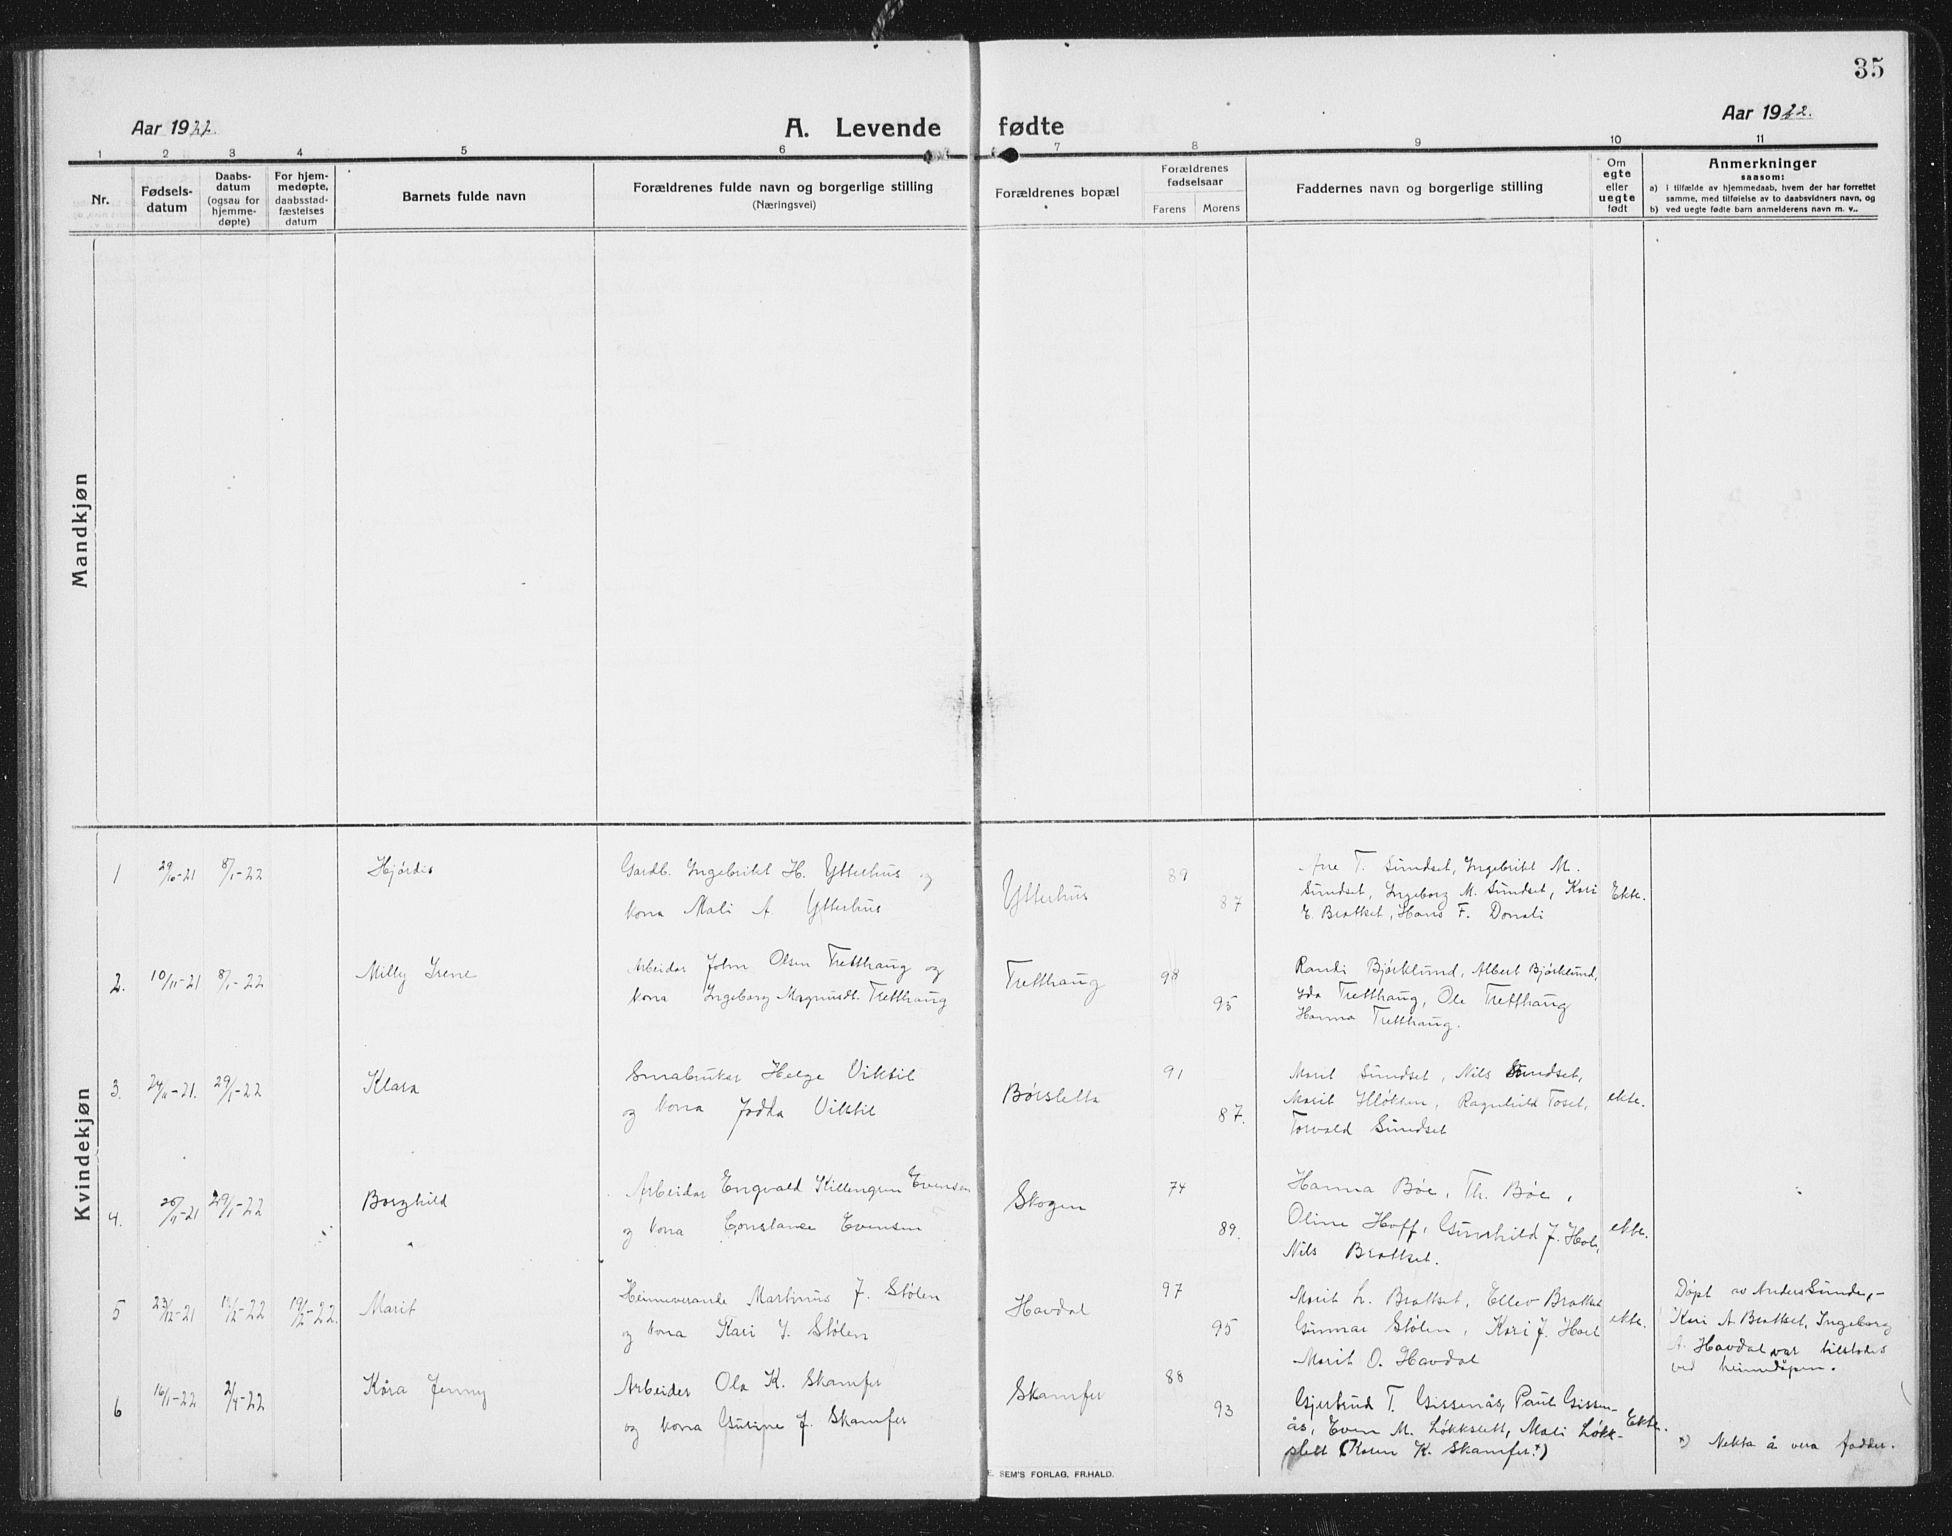 SAT, Ministerialprotokoller, klokkerbøker og fødselsregistre - Sør-Trøndelag, 675/L0888: Klokkerbok nr. 675C01, 1913-1935, s. 35